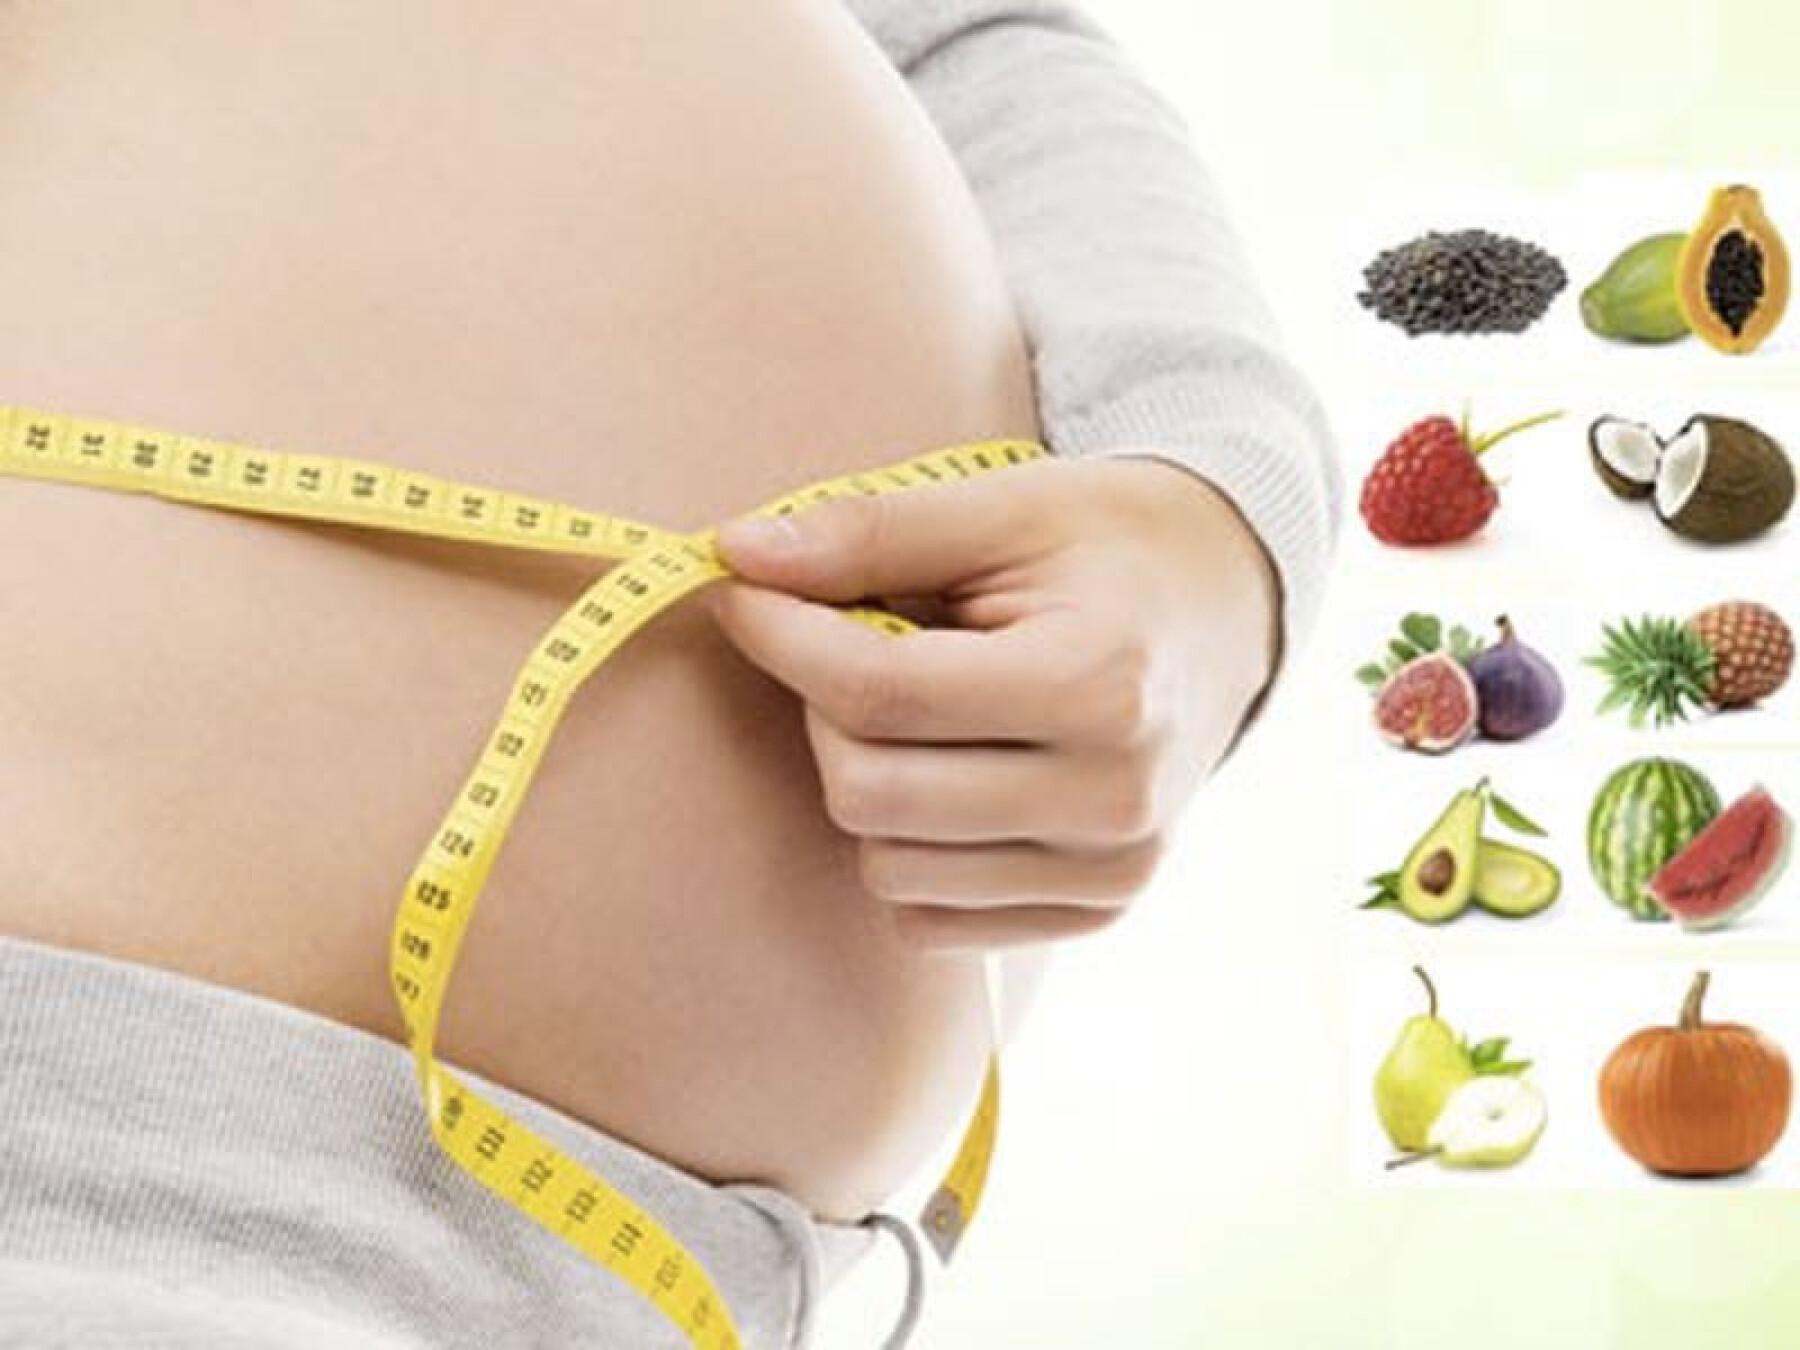 La taille de bébé mois par mois